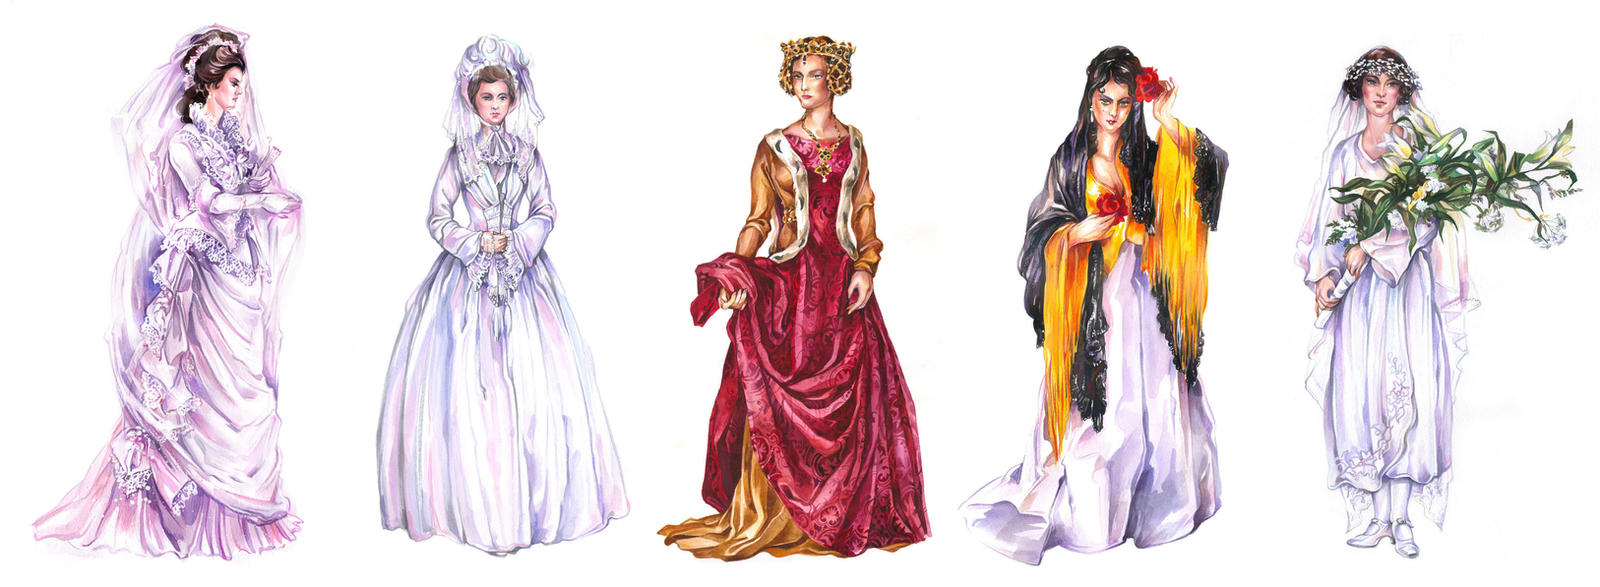 .: LADIES :. by Callista1981